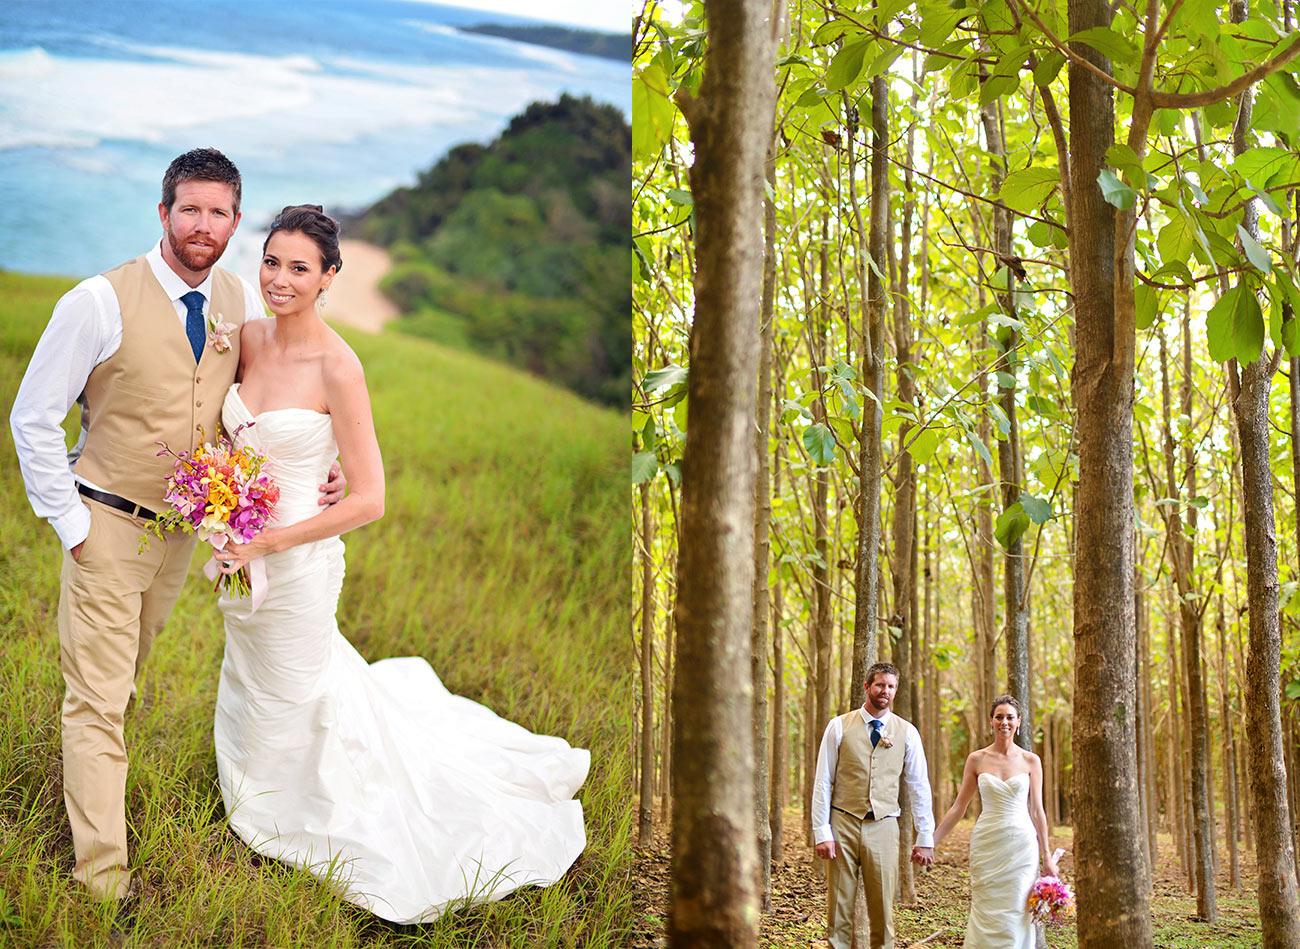 Kauai-Island-Hawaii-wedding-photo-(24).jpg